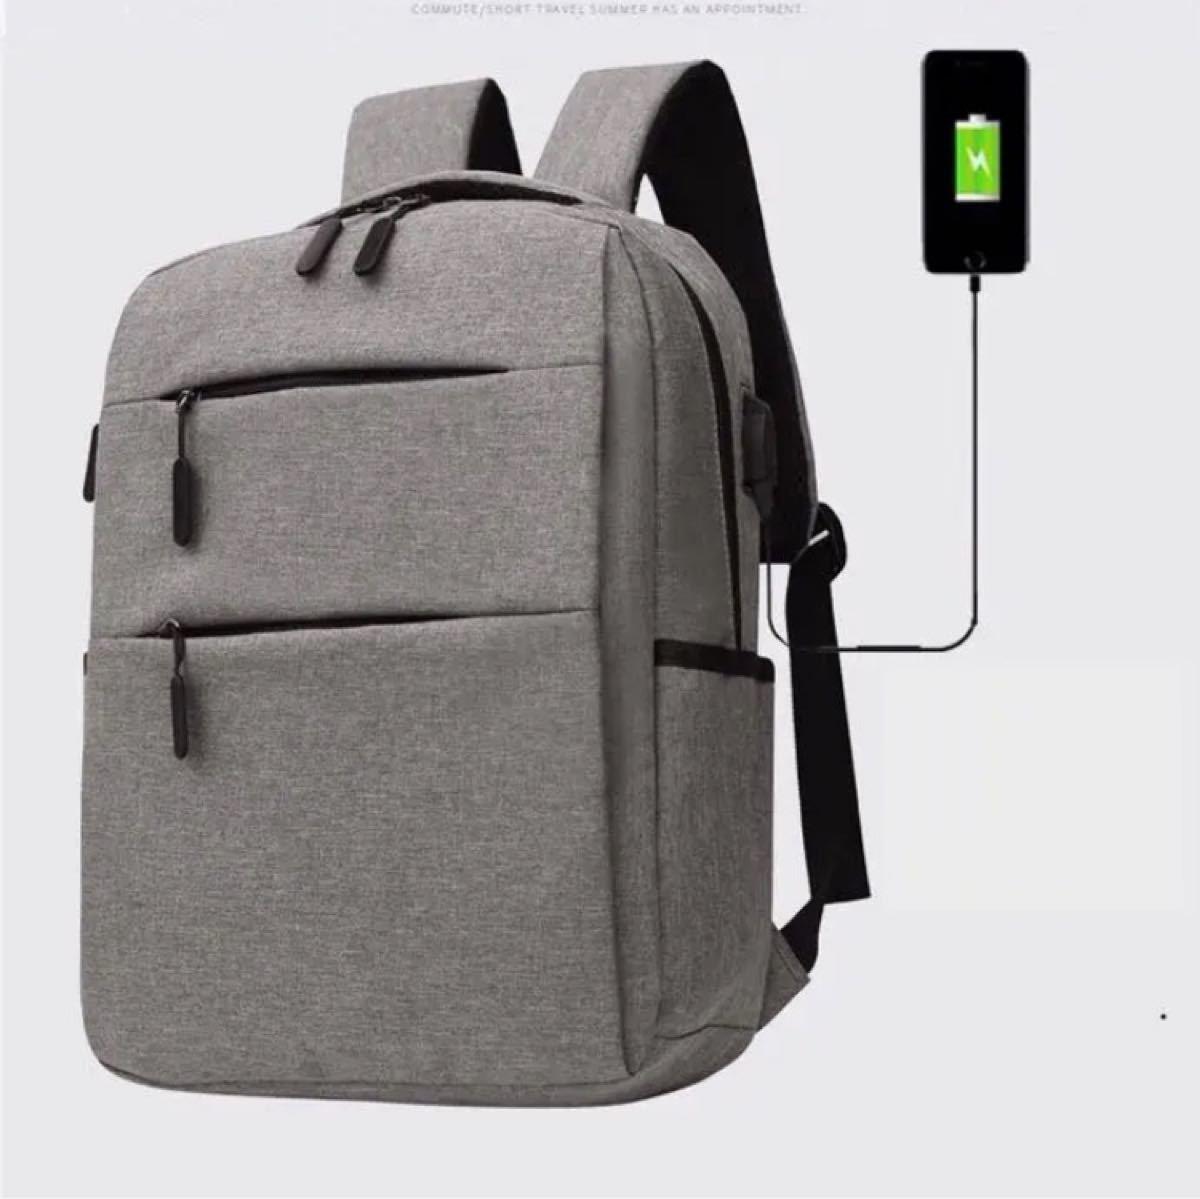 ビジネスリュック バックパック PCバック メンズ 大容量 USB充電ポート